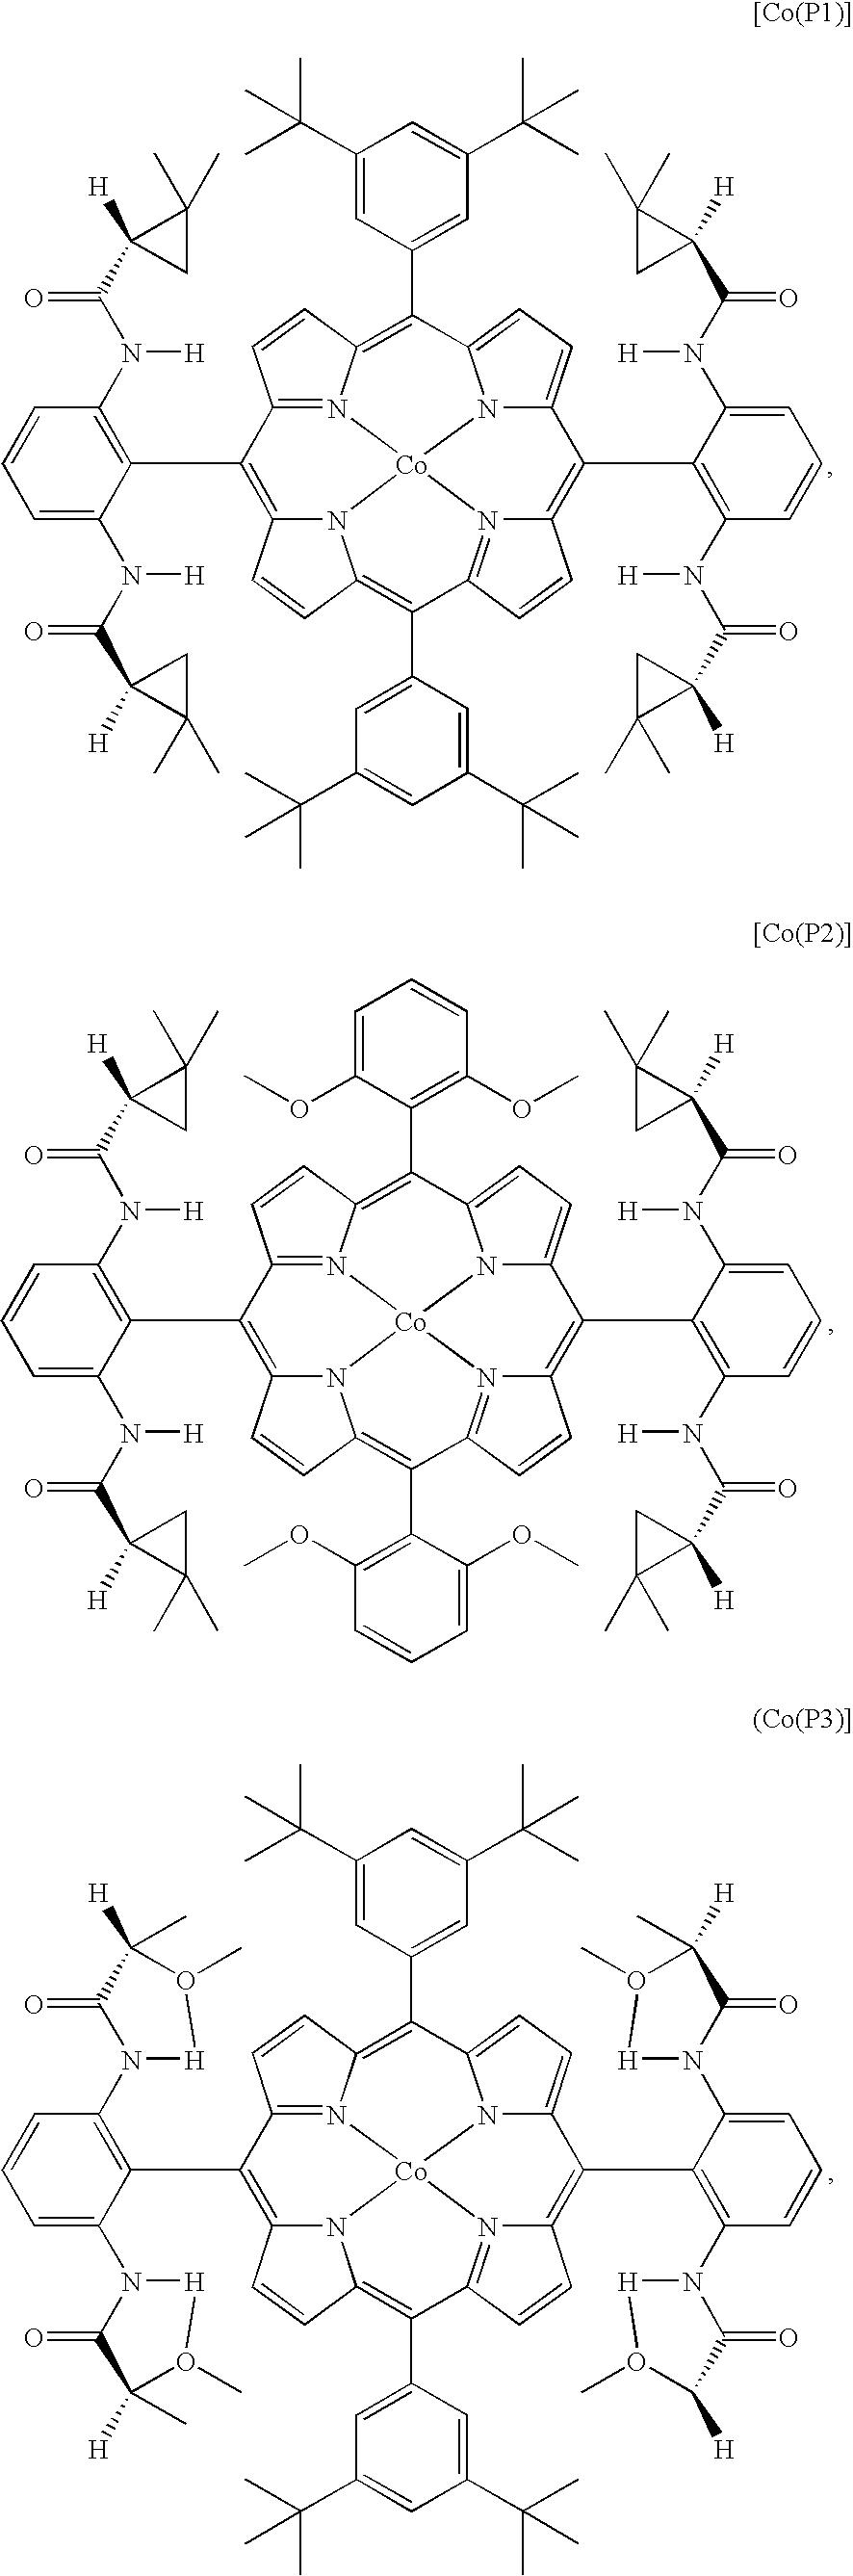 Figure US20100081838A1-20100401-C00115